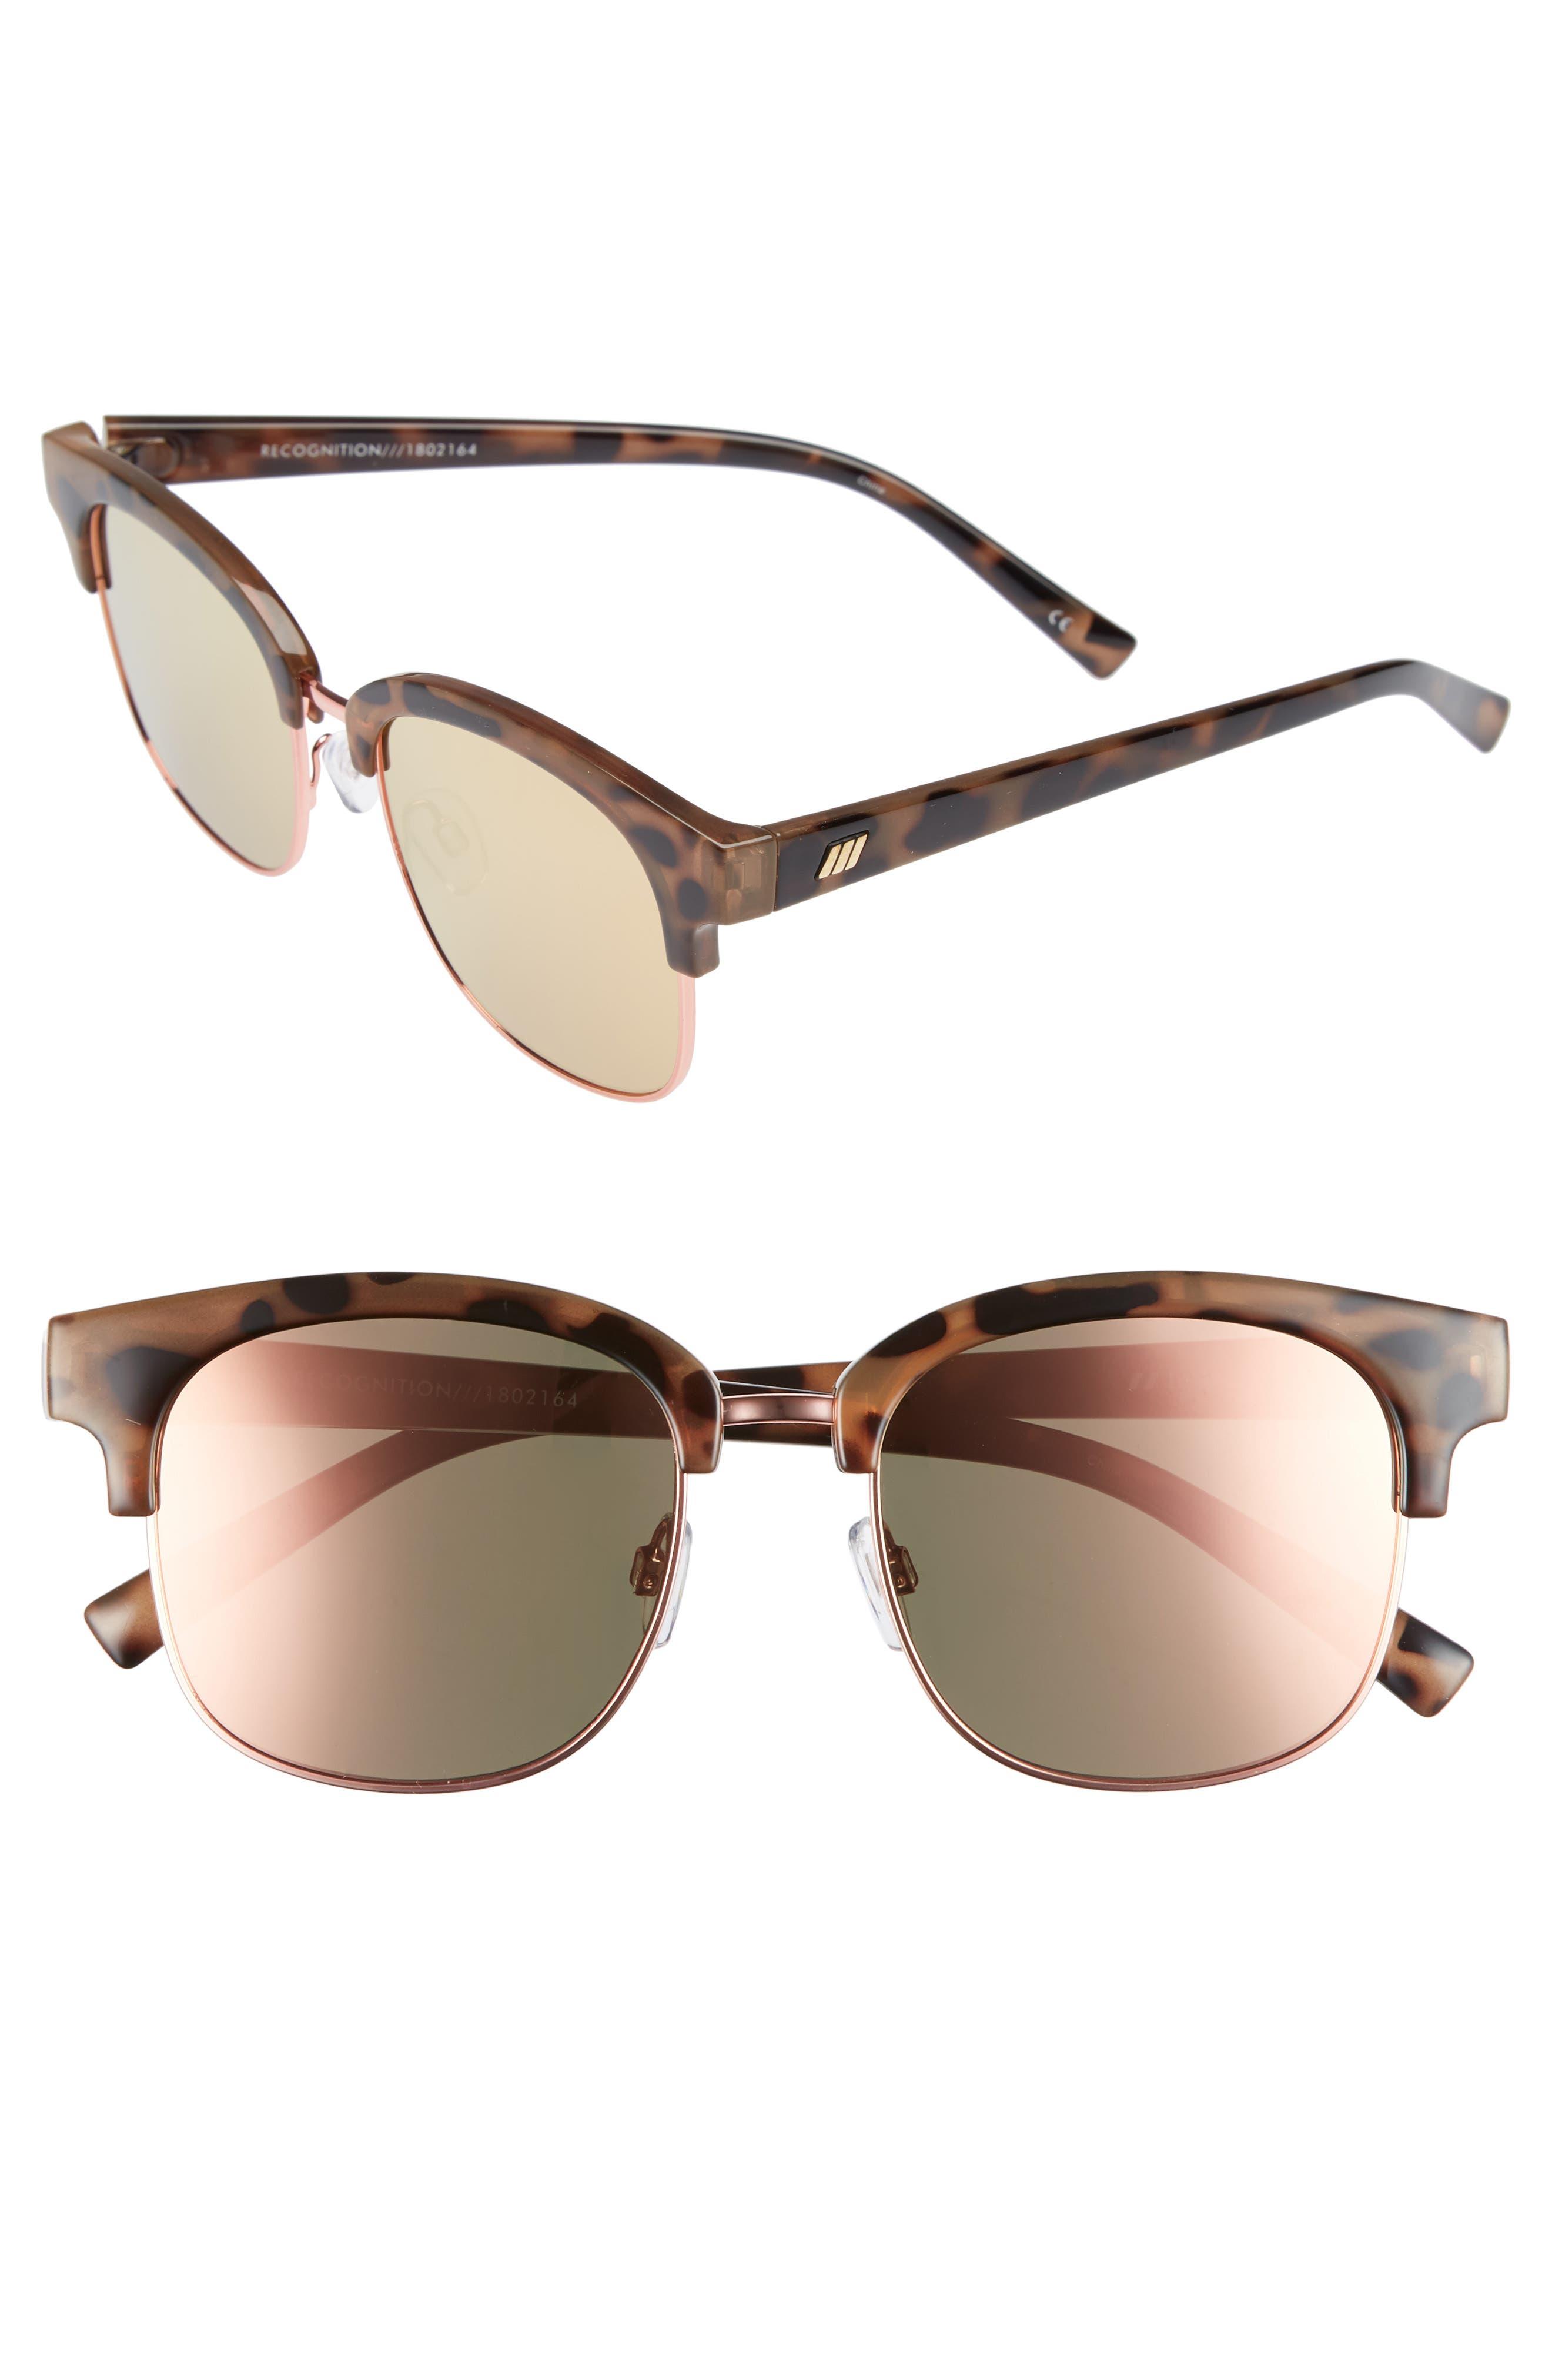 Recognition 53mm Sunglasses,                             Main thumbnail 1, color,                             Apricot Tortoise